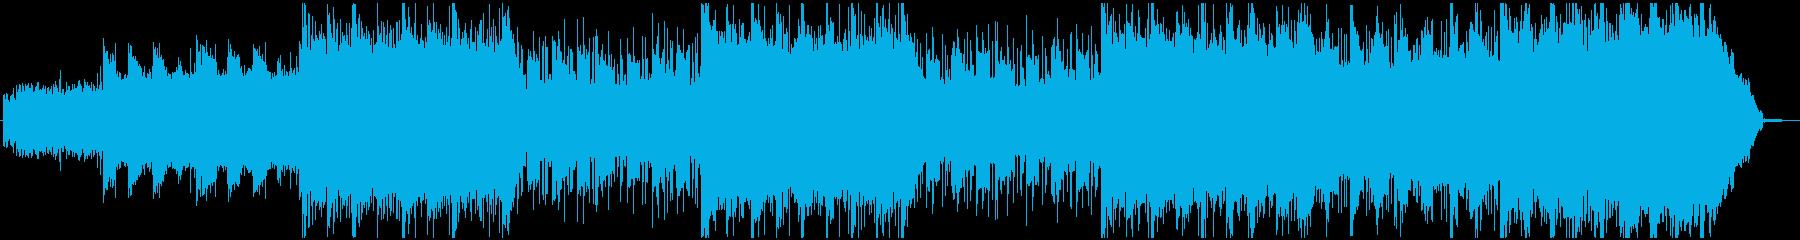 不安しか感じられないヘヴィなエレクトロの再生済みの波形